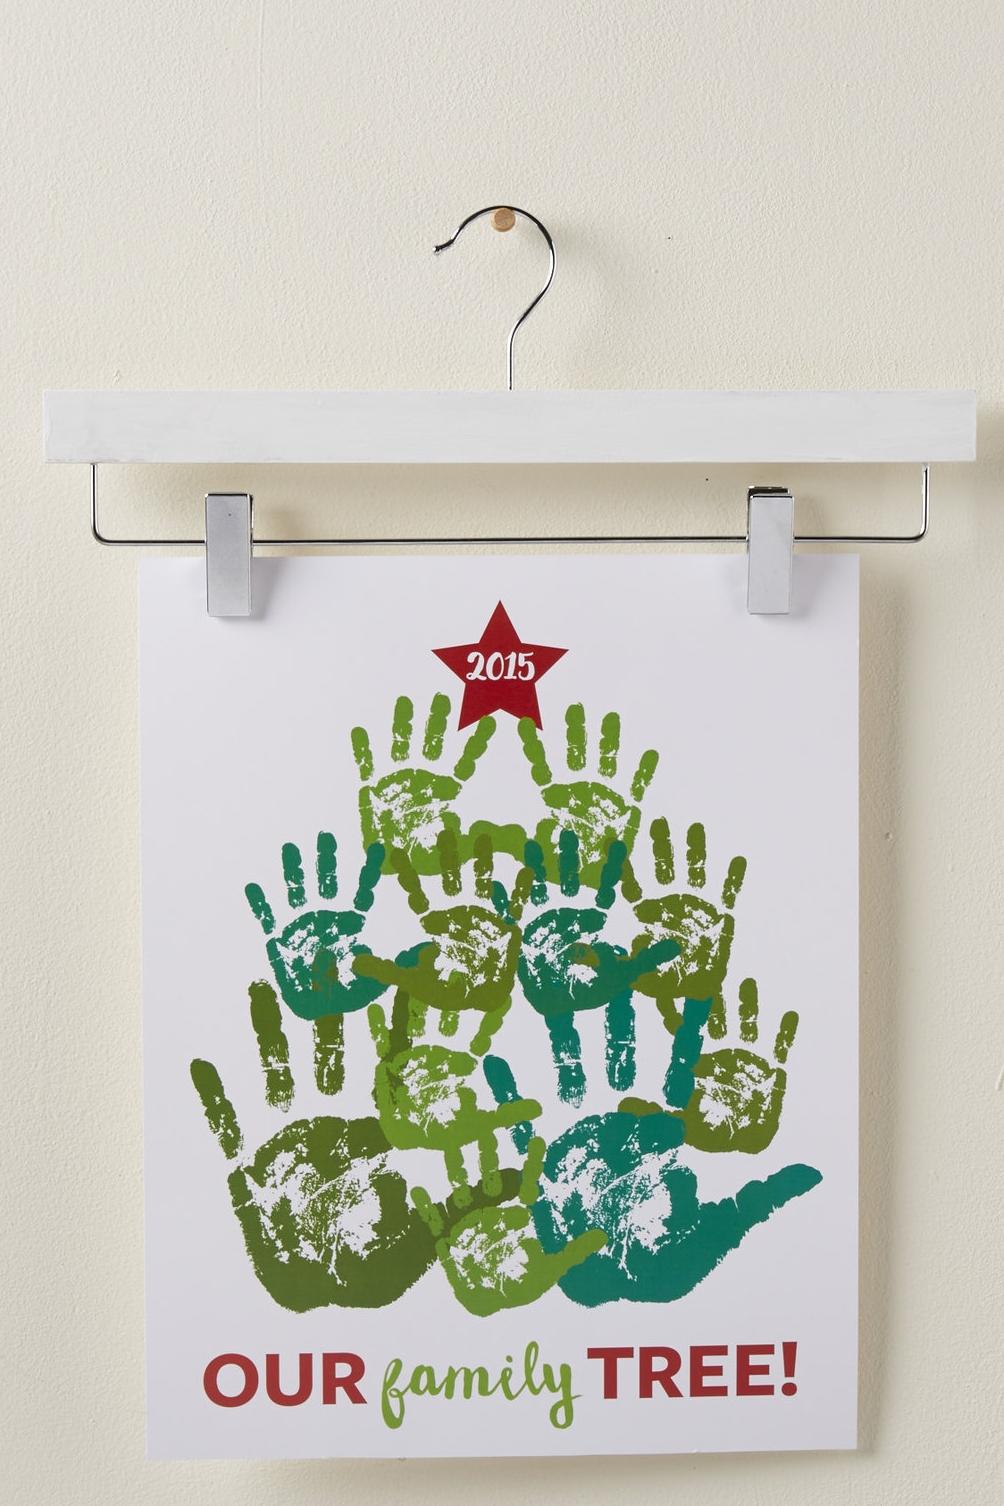 Holiday Handprint Tree  for  Carter's |  Steve Pomberg